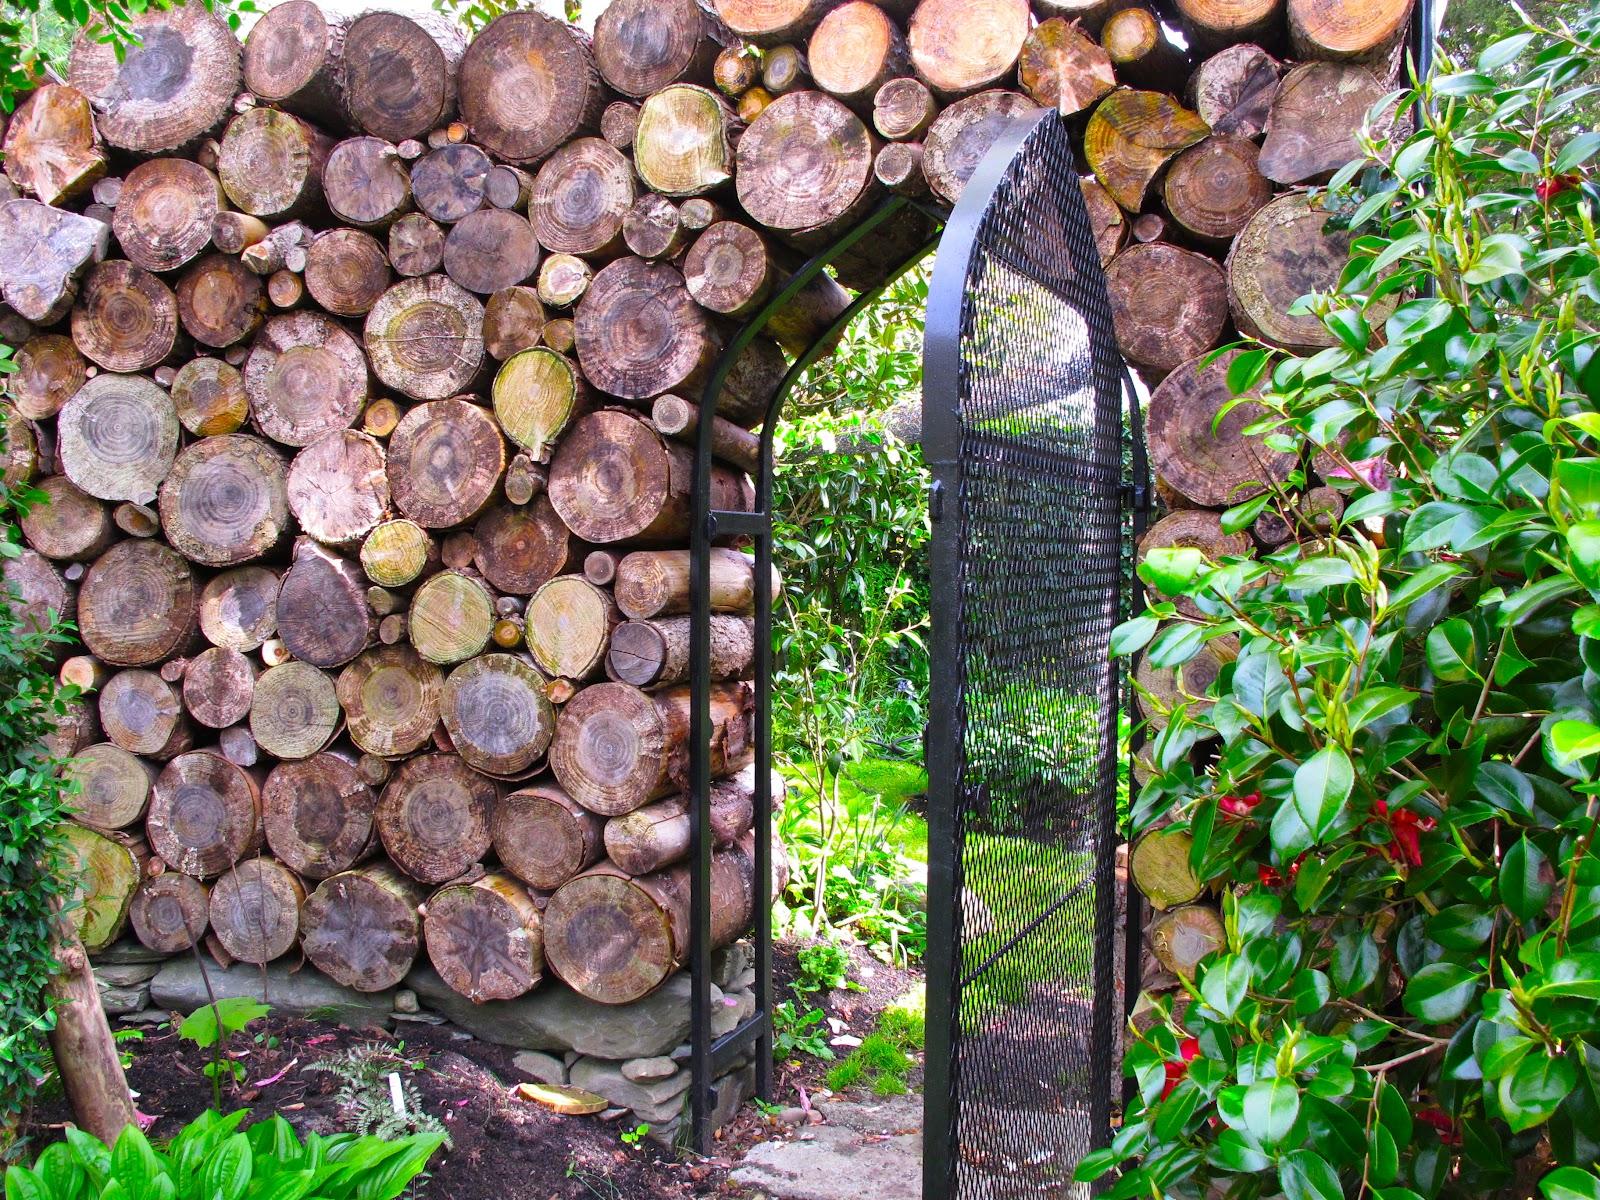 7 Idées De Clôtures Originales À Réaliser Soi-Même encequiconcerne Decoration De Jardin A Faire Soi Meme